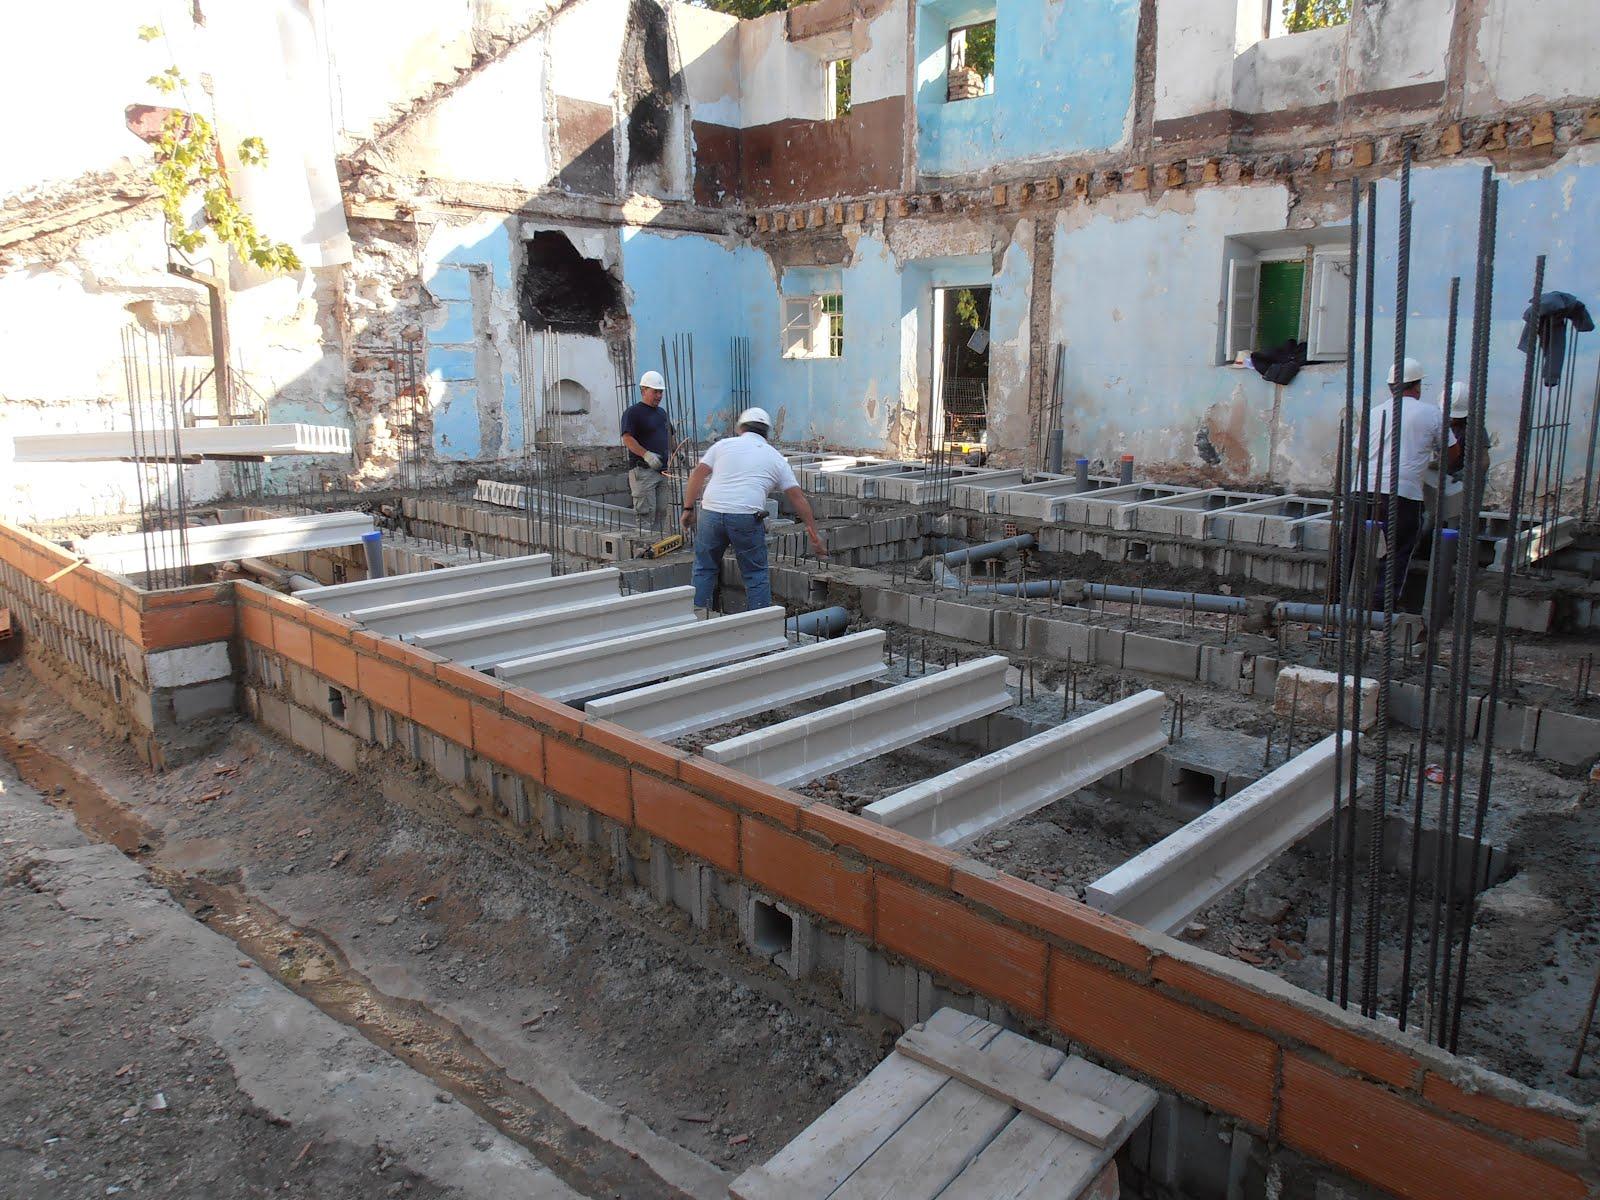 Imagen 4 detalle de los trabajos realizando el forjado - Forjado sanitario caviti ...